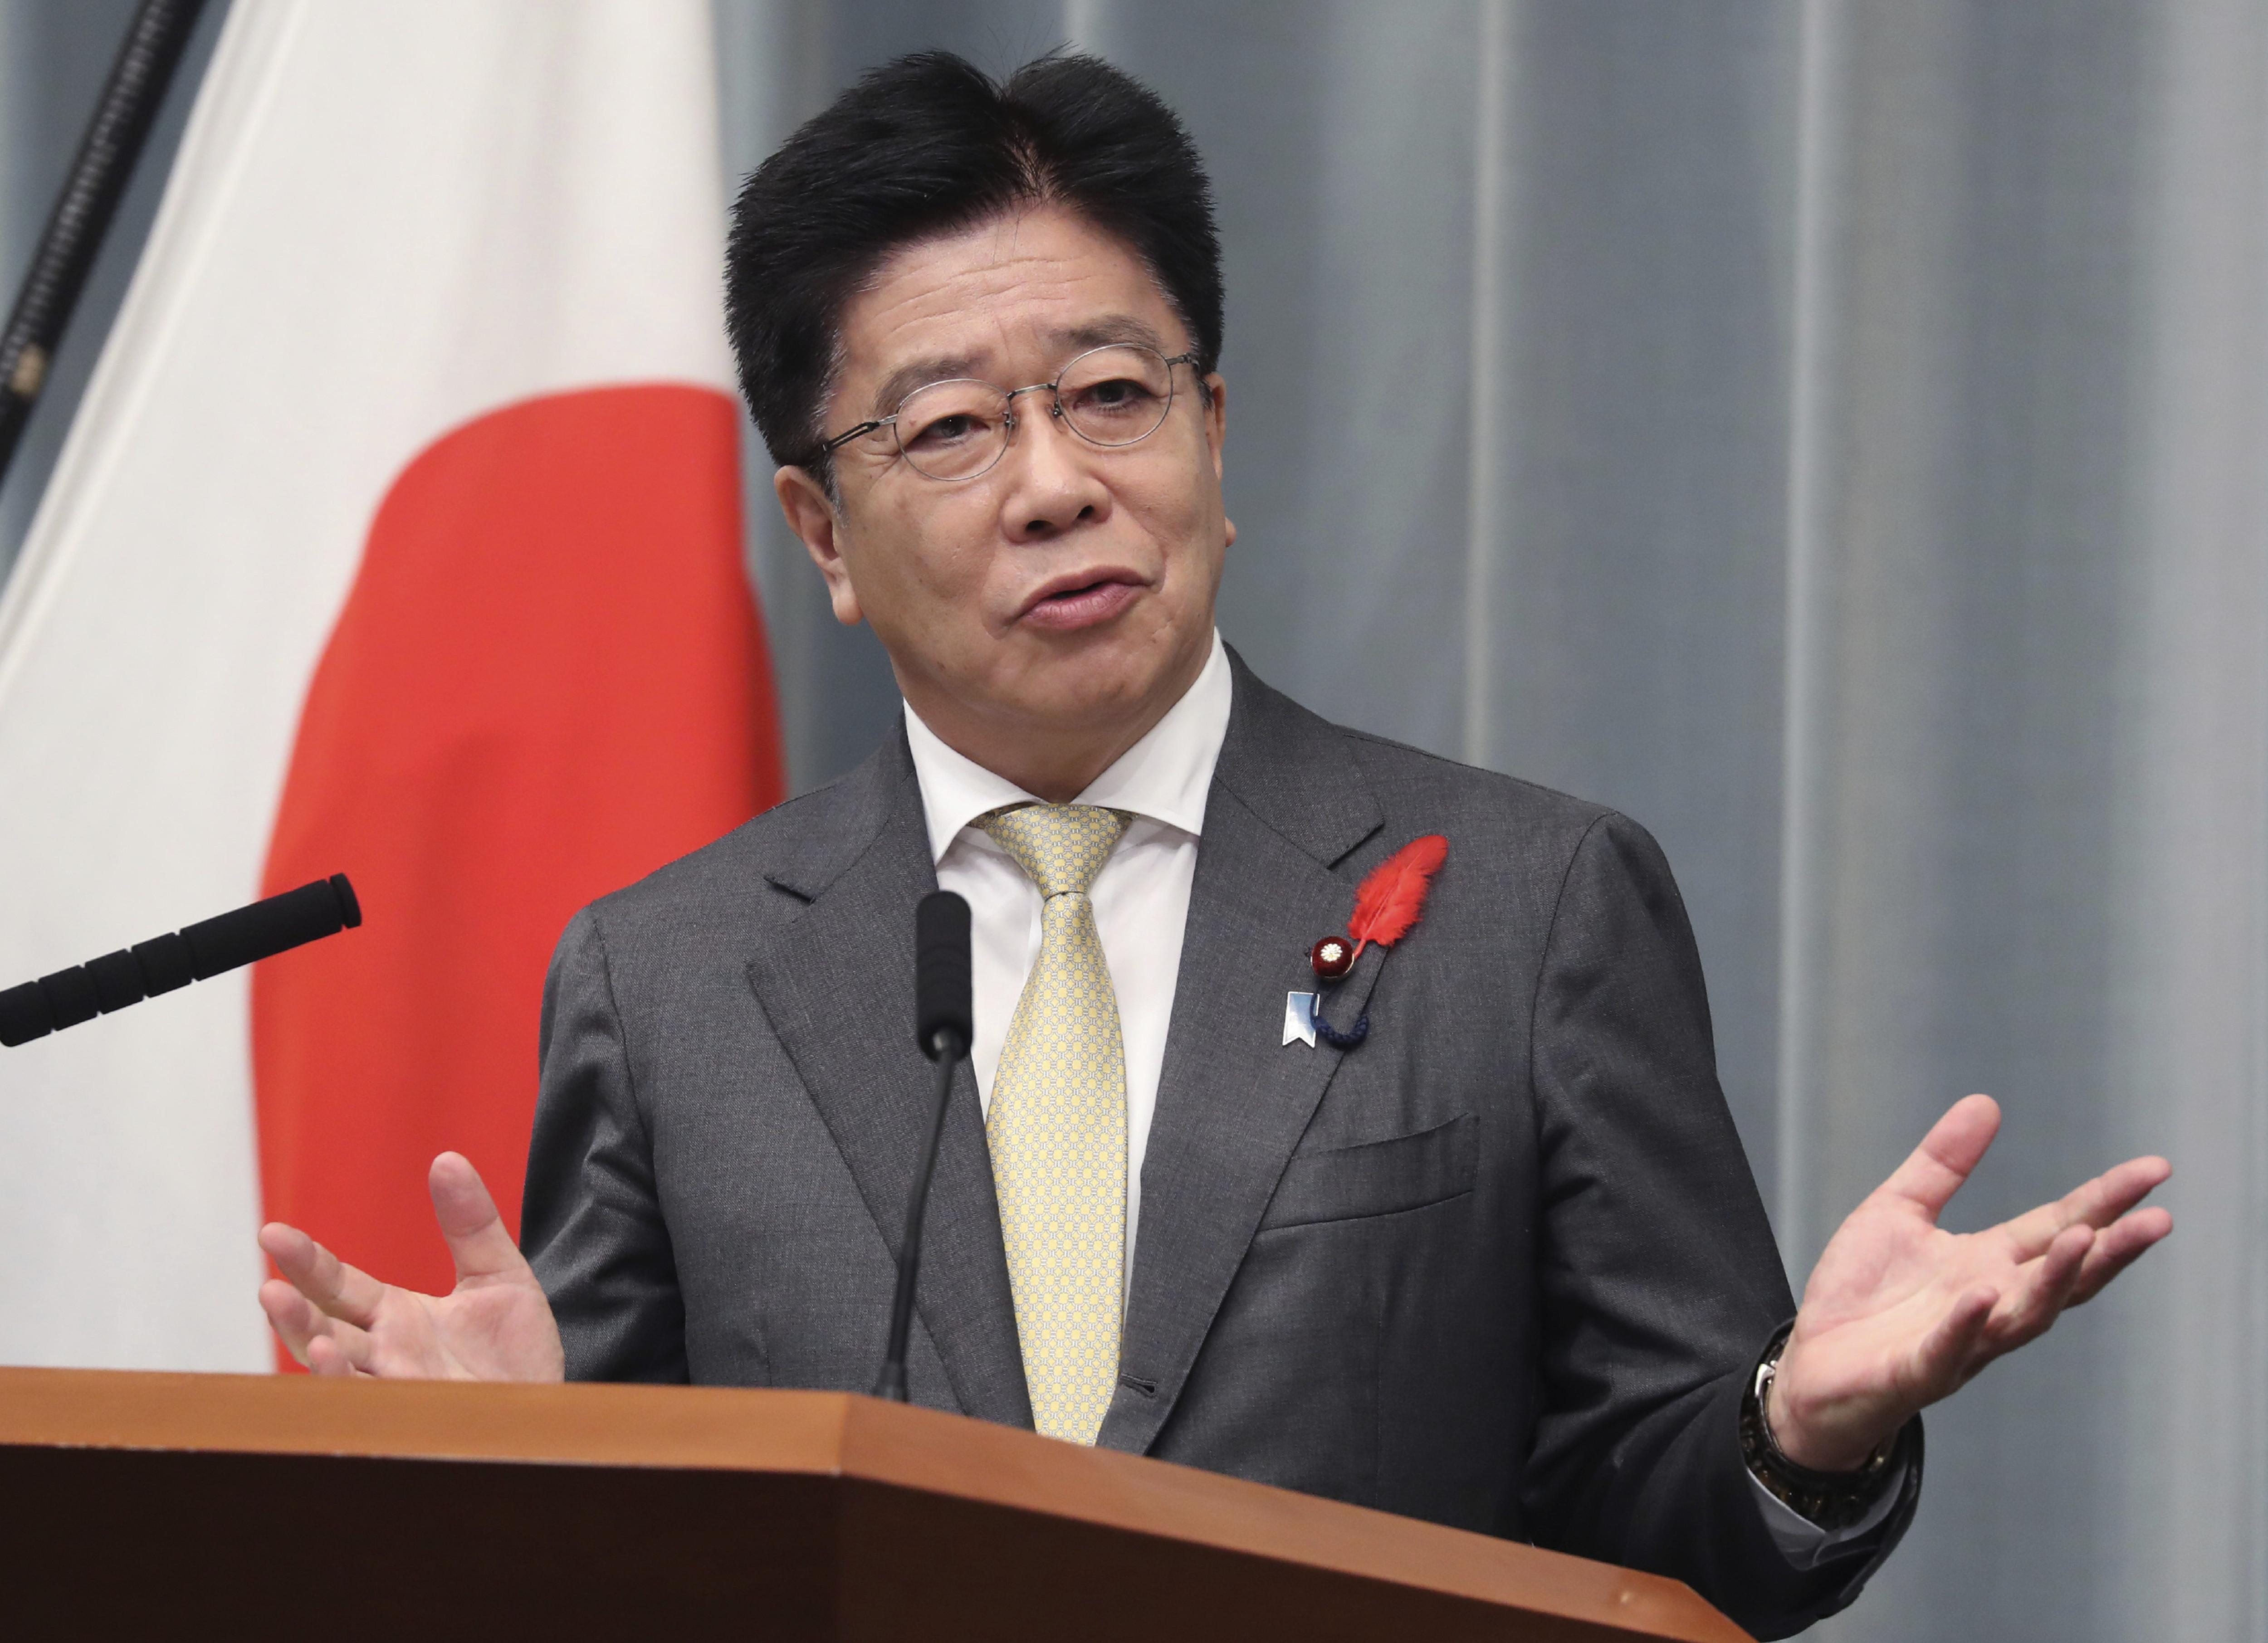 ▲▼日本內閣官房長官加藤勝信在記者會上稱無法接受北韓說法。(圖/達志影像/美聯社)